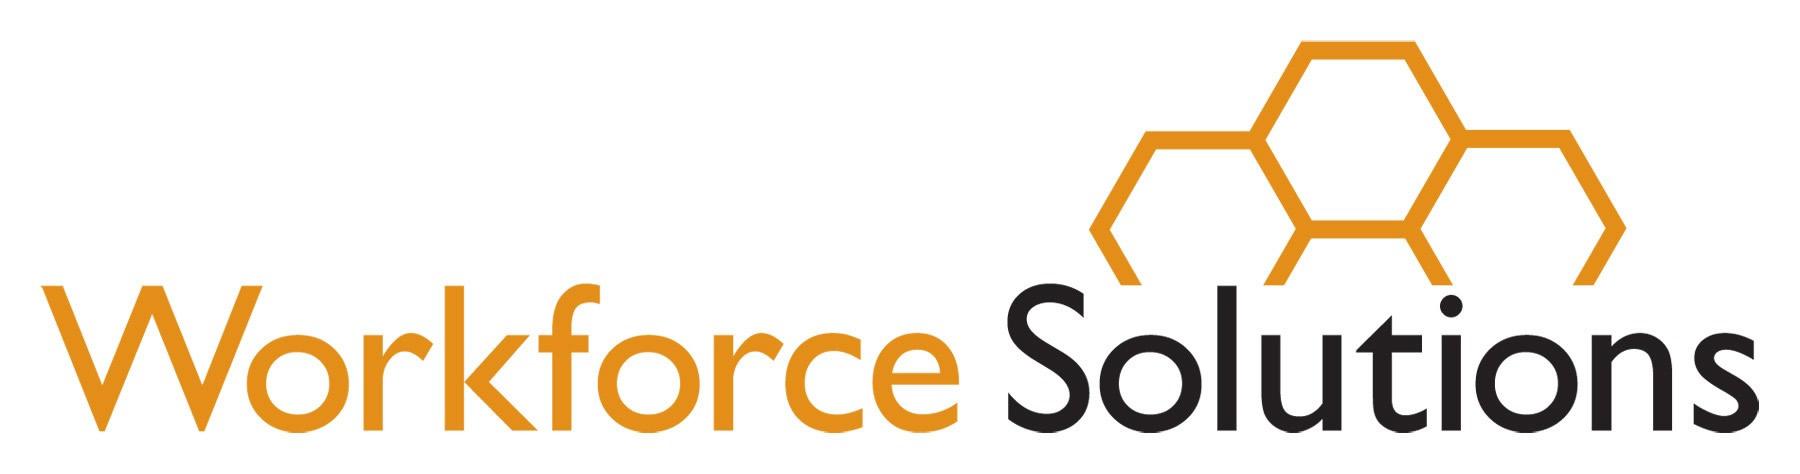 Procurement Coordinator job in Houston - Workforce Solutions